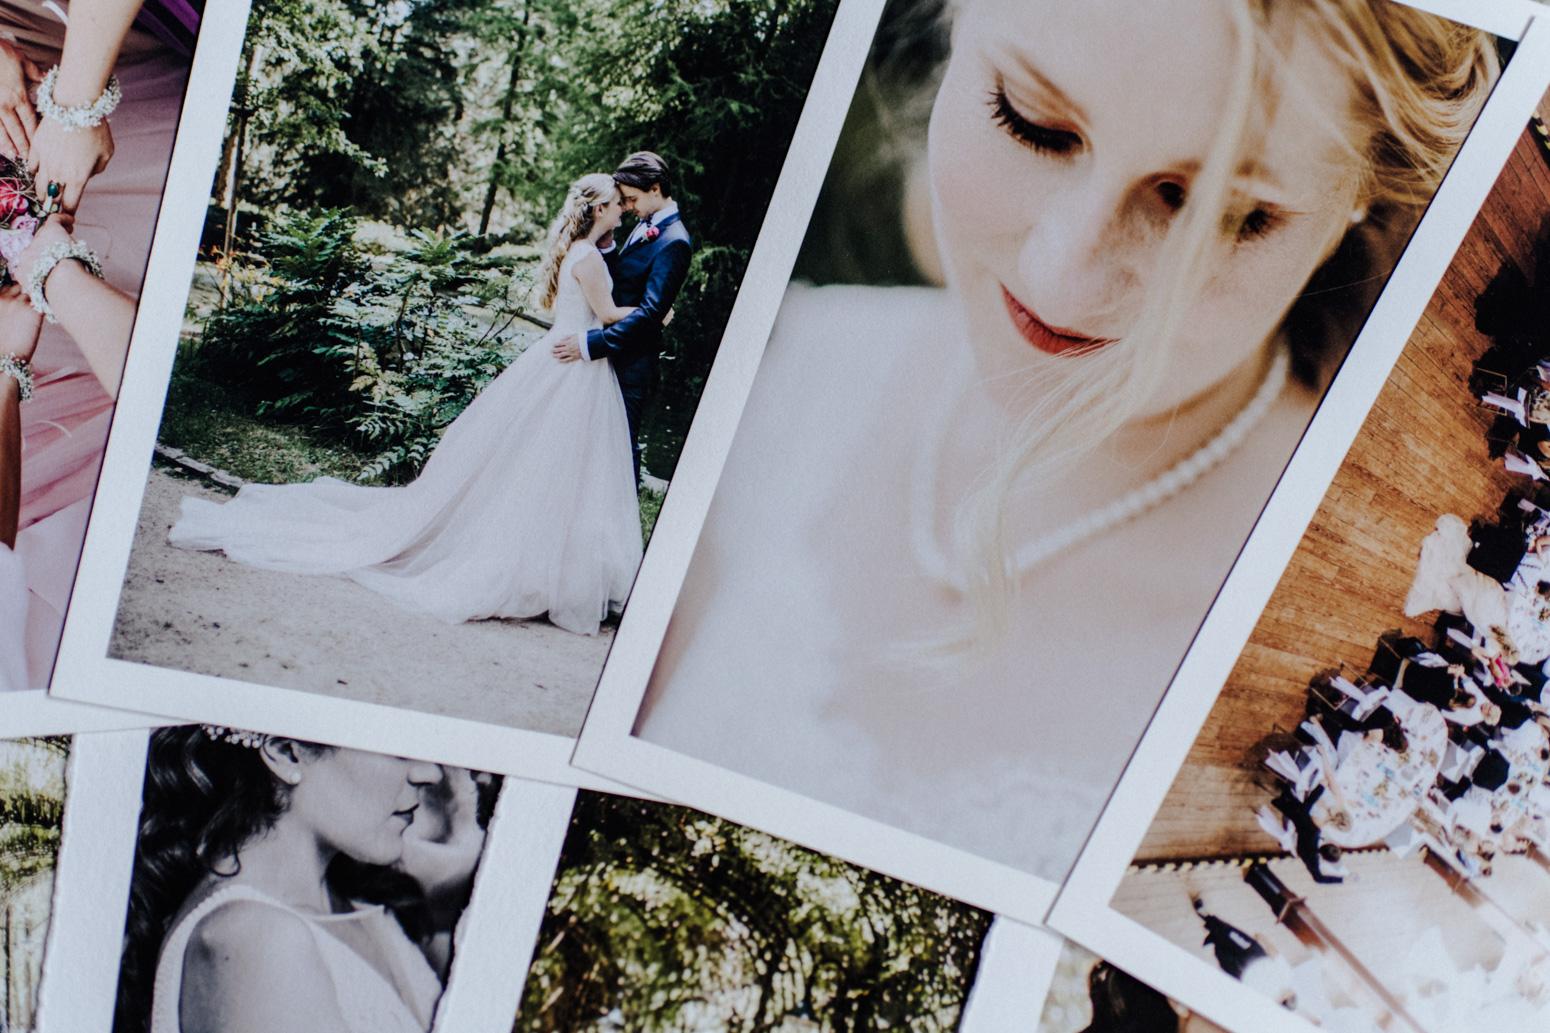 Genuine-Bonds-Daria-Becker-Holzbox-Hochzeitsreportage-Köln-Bonn-Hochzeitsfotografin-Hochzeitsfotograf-Fine-Art-Prints-4